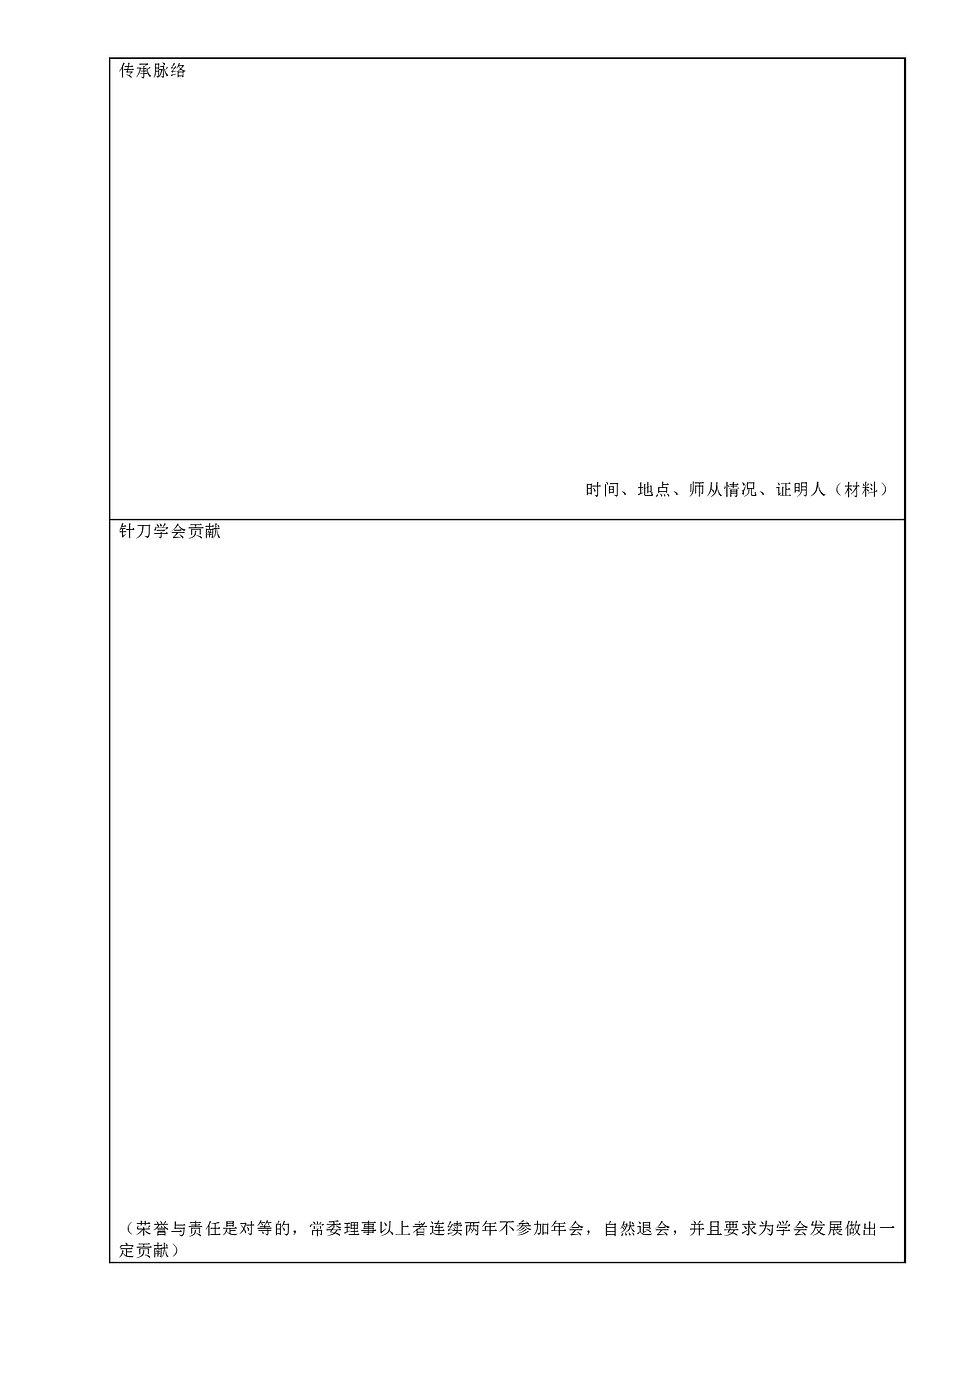 加拿大针刀医学会入会申请表_V1-page0002.jpg